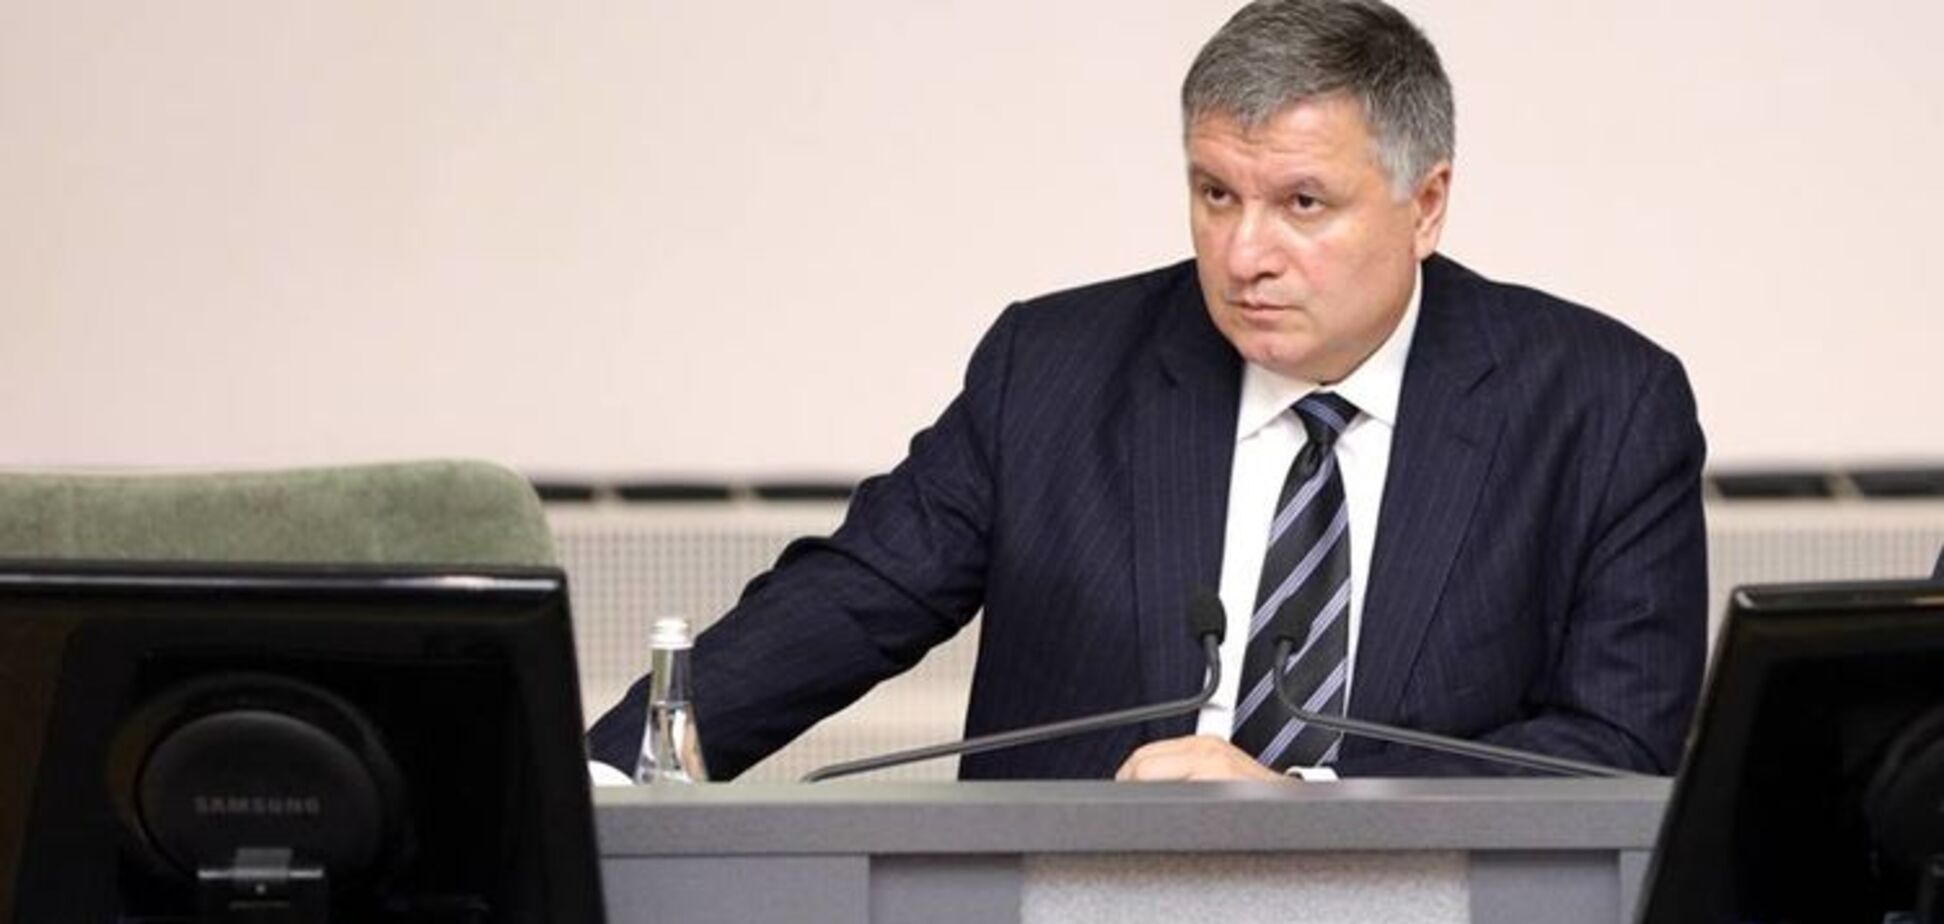 Не вийде: українці не повірили в план Авакова зі звільнення Донбасу